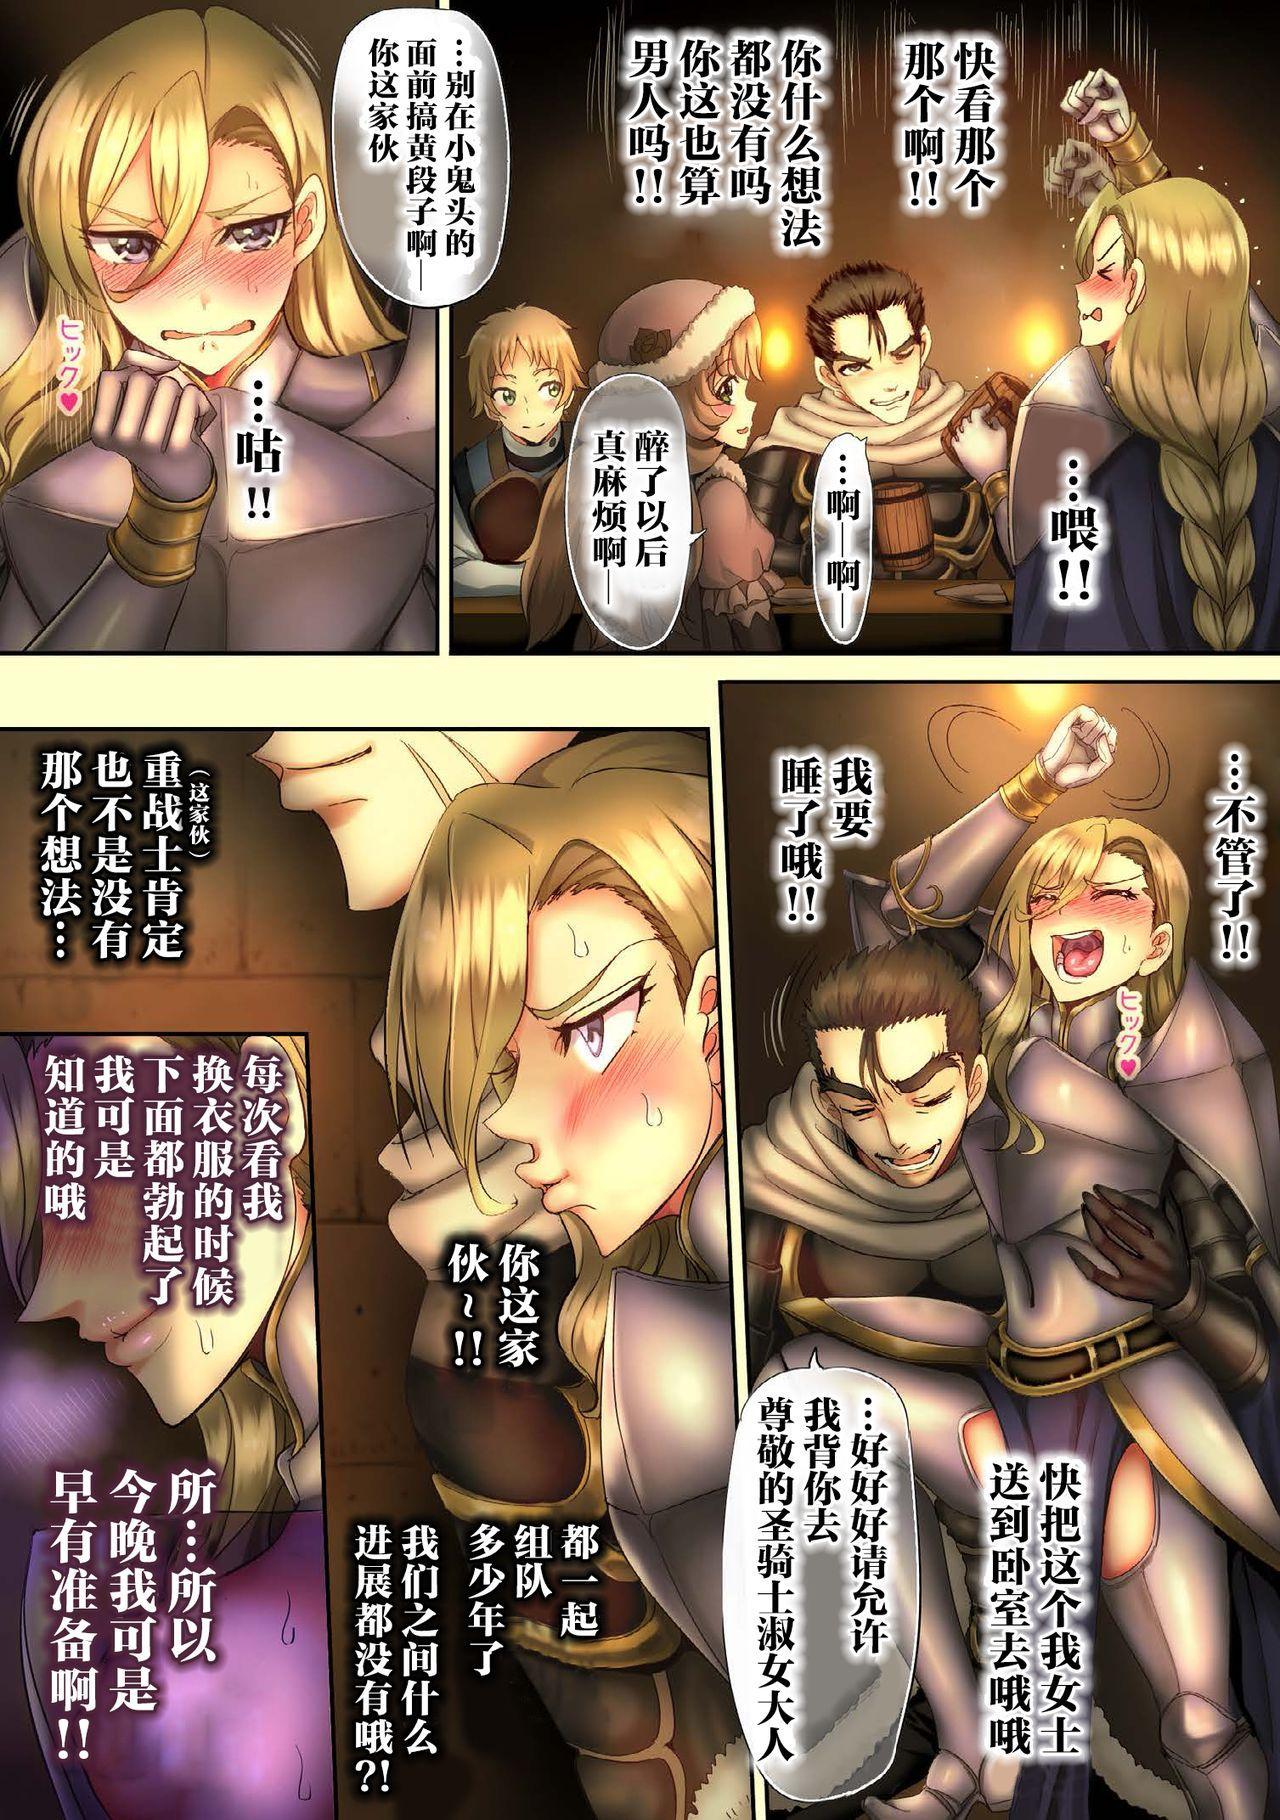 Zenmetsu Party Rape 3 | 全灭强奸派对3 25